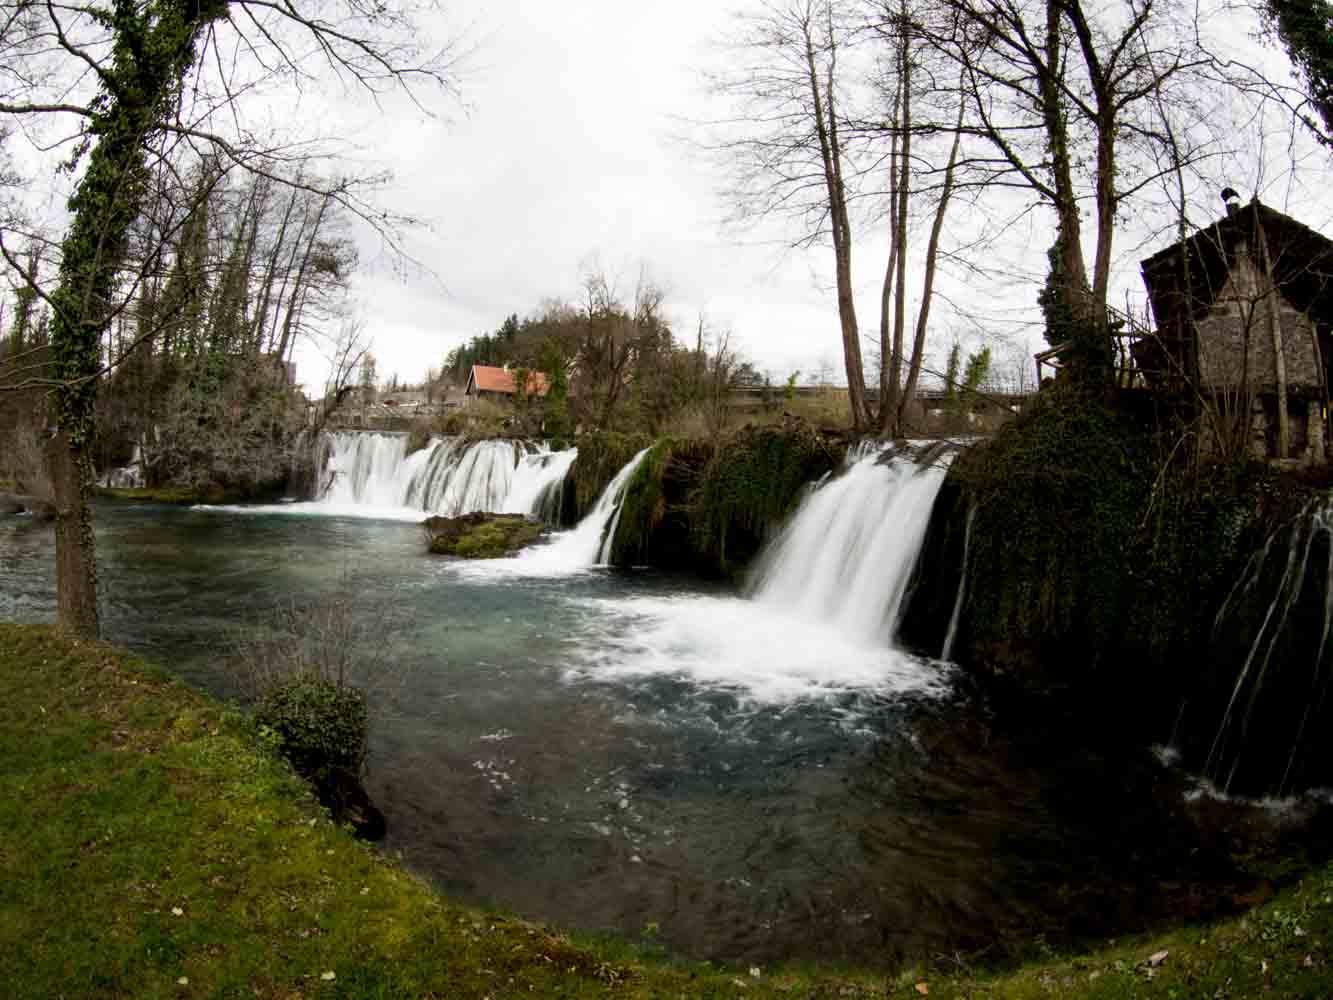 Plitvice_Kroatien_Croatia_Plitvice_jezero-35